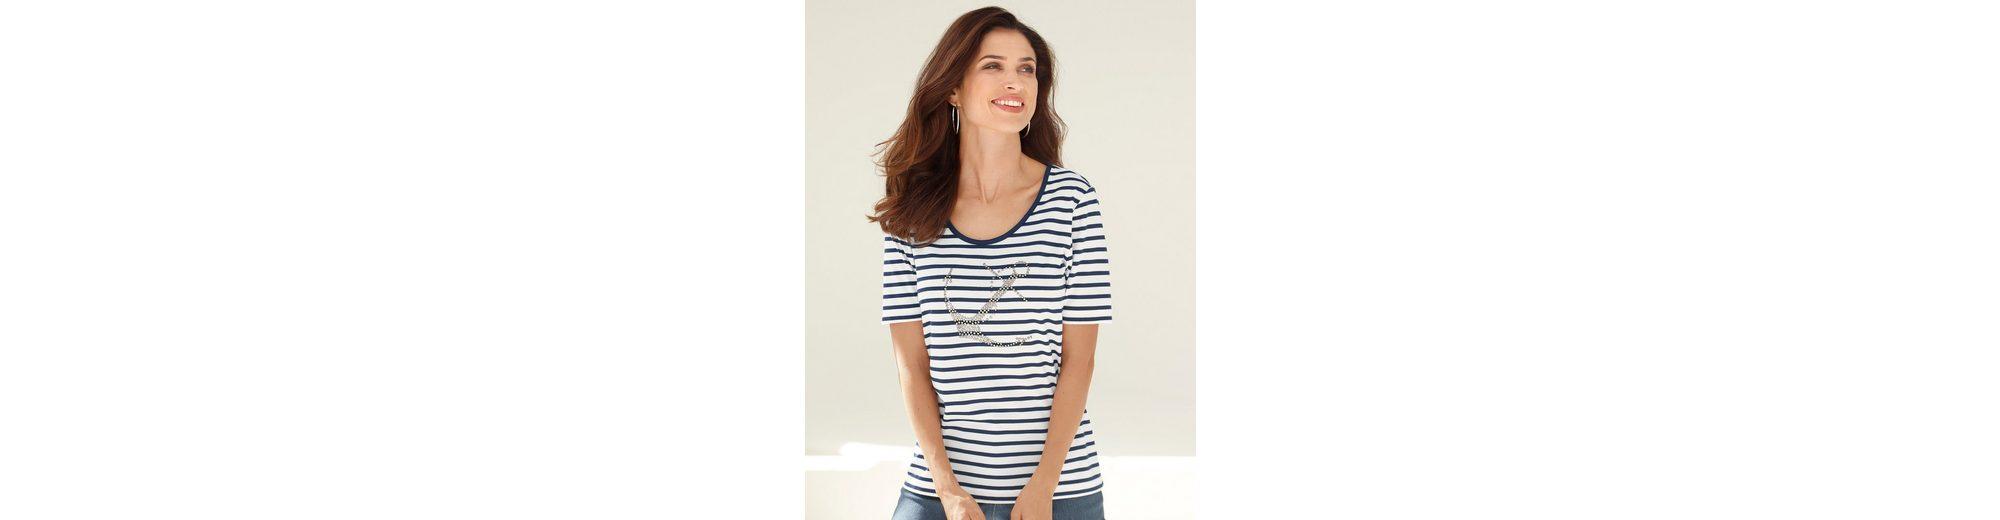 Günstig Kaufen 2018 Paola Shirt mit Ankermotiv Billig Verkauf 2018 Aussicht yv7Iy8P